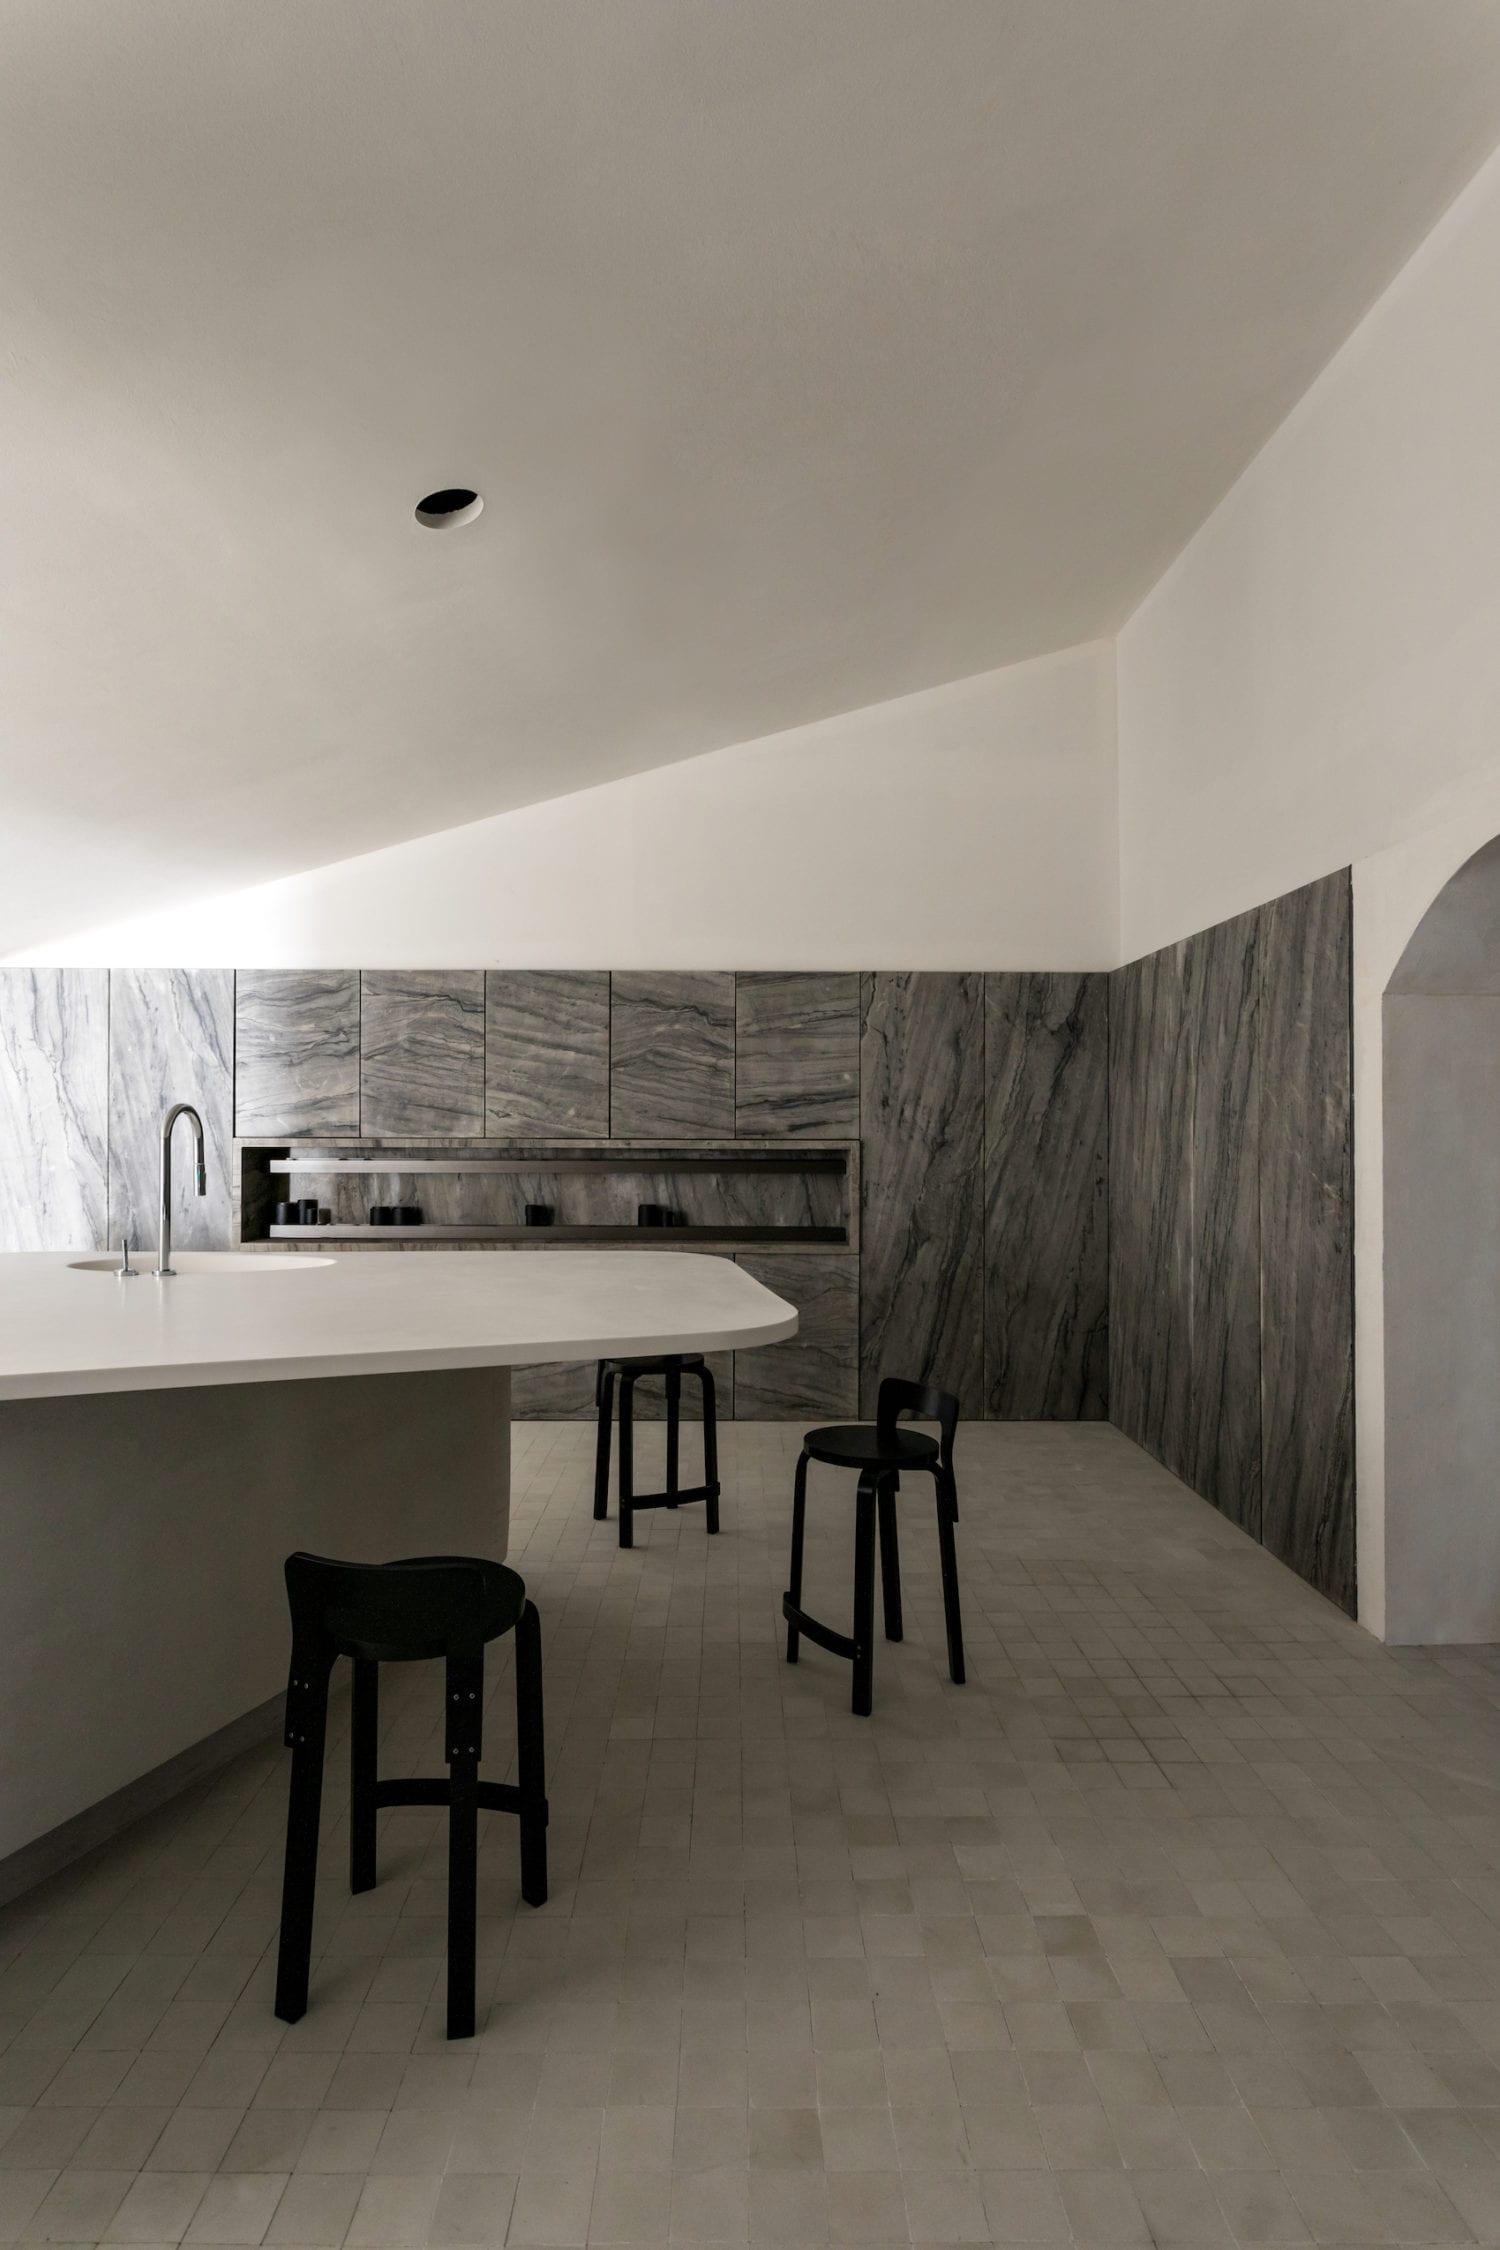 Stone kitchen wall